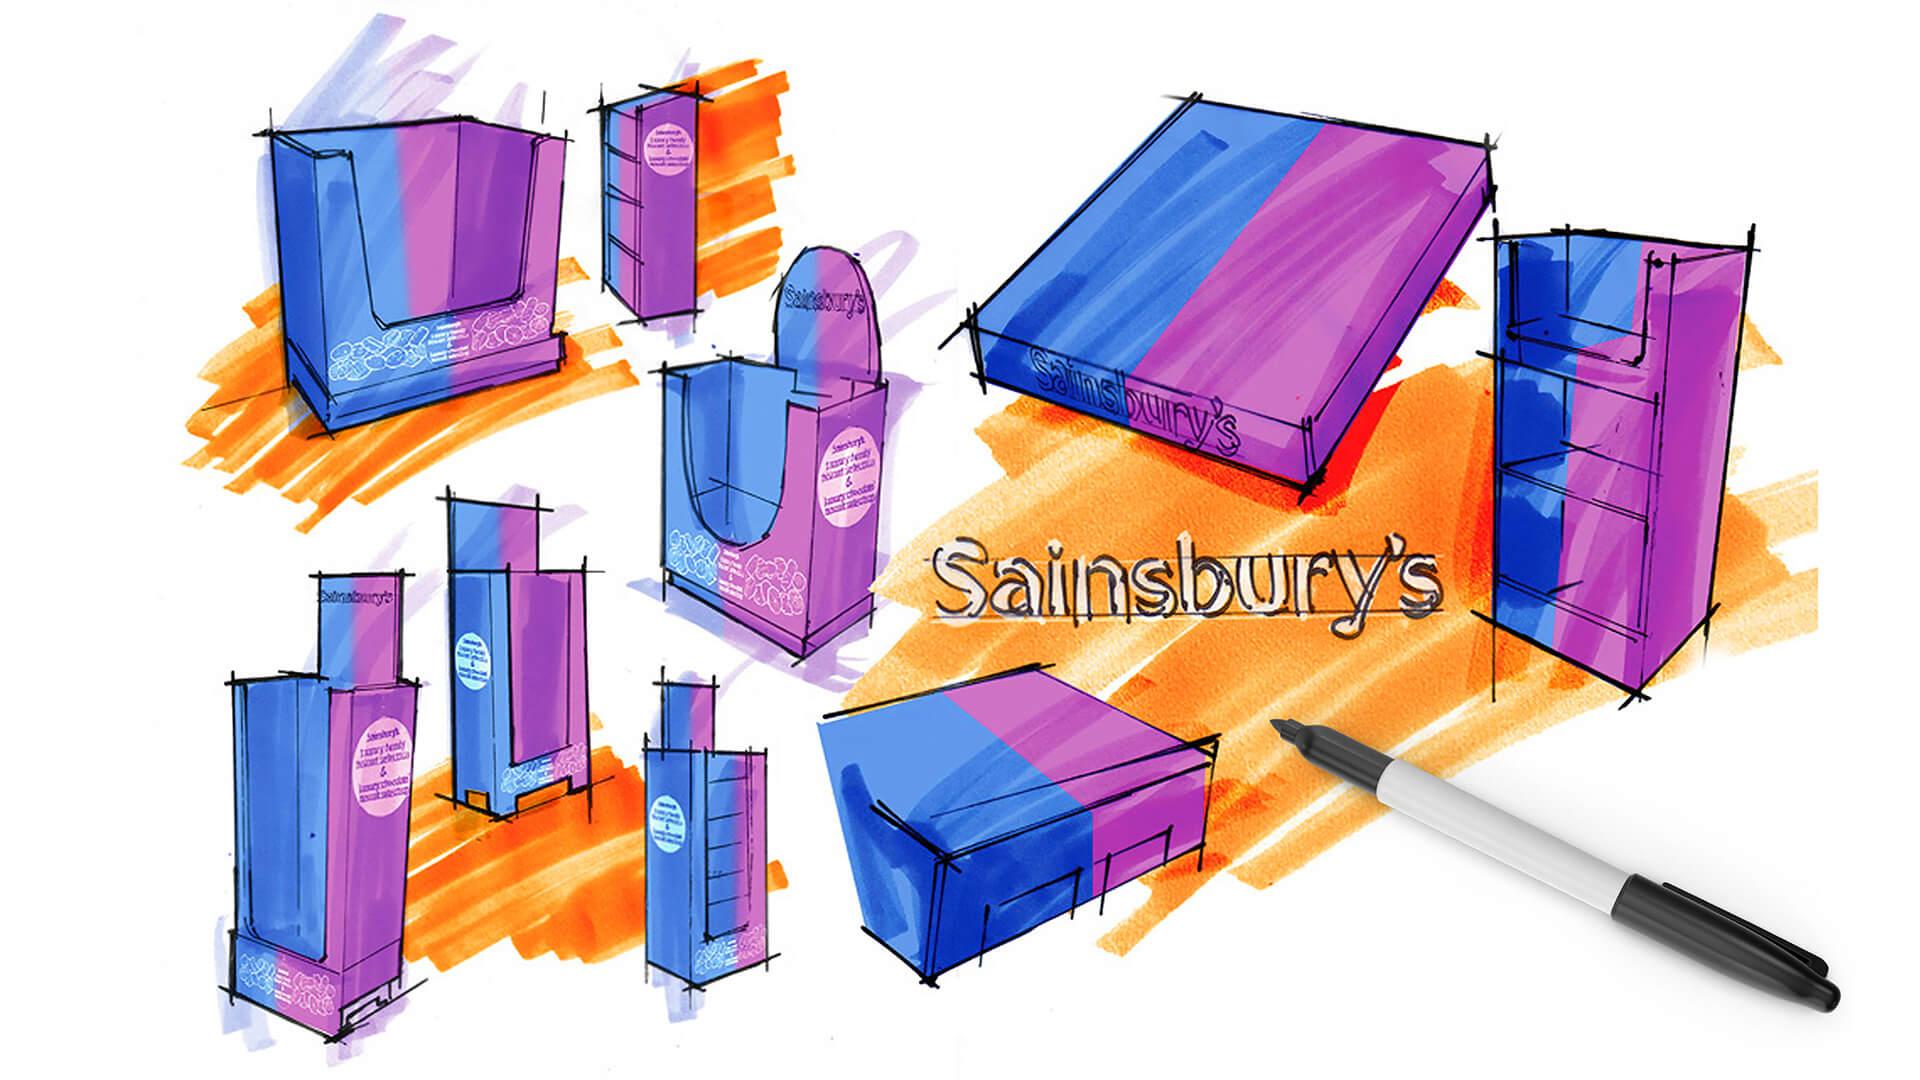 sainsburys 4